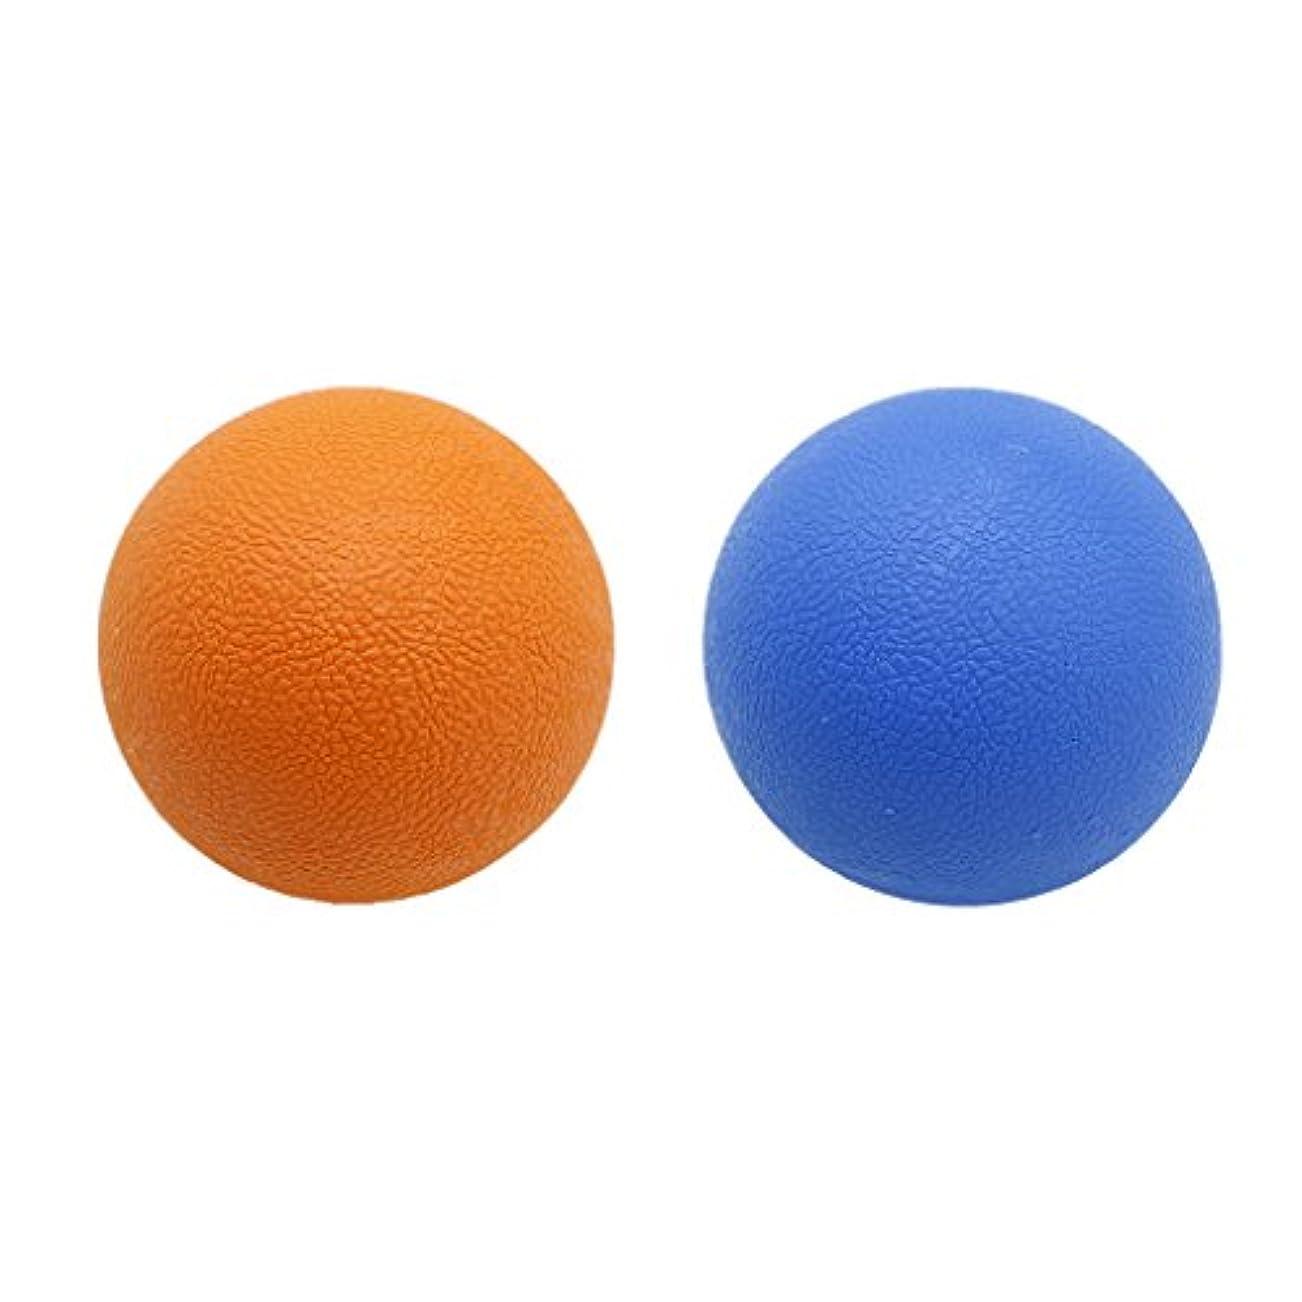 離れて乏しい測るPerfk 2個 マッサージボール ストレッチボール トリガーポイント トレーニング マッサージ リラックス 便利 多色選べる - オレンジブルー